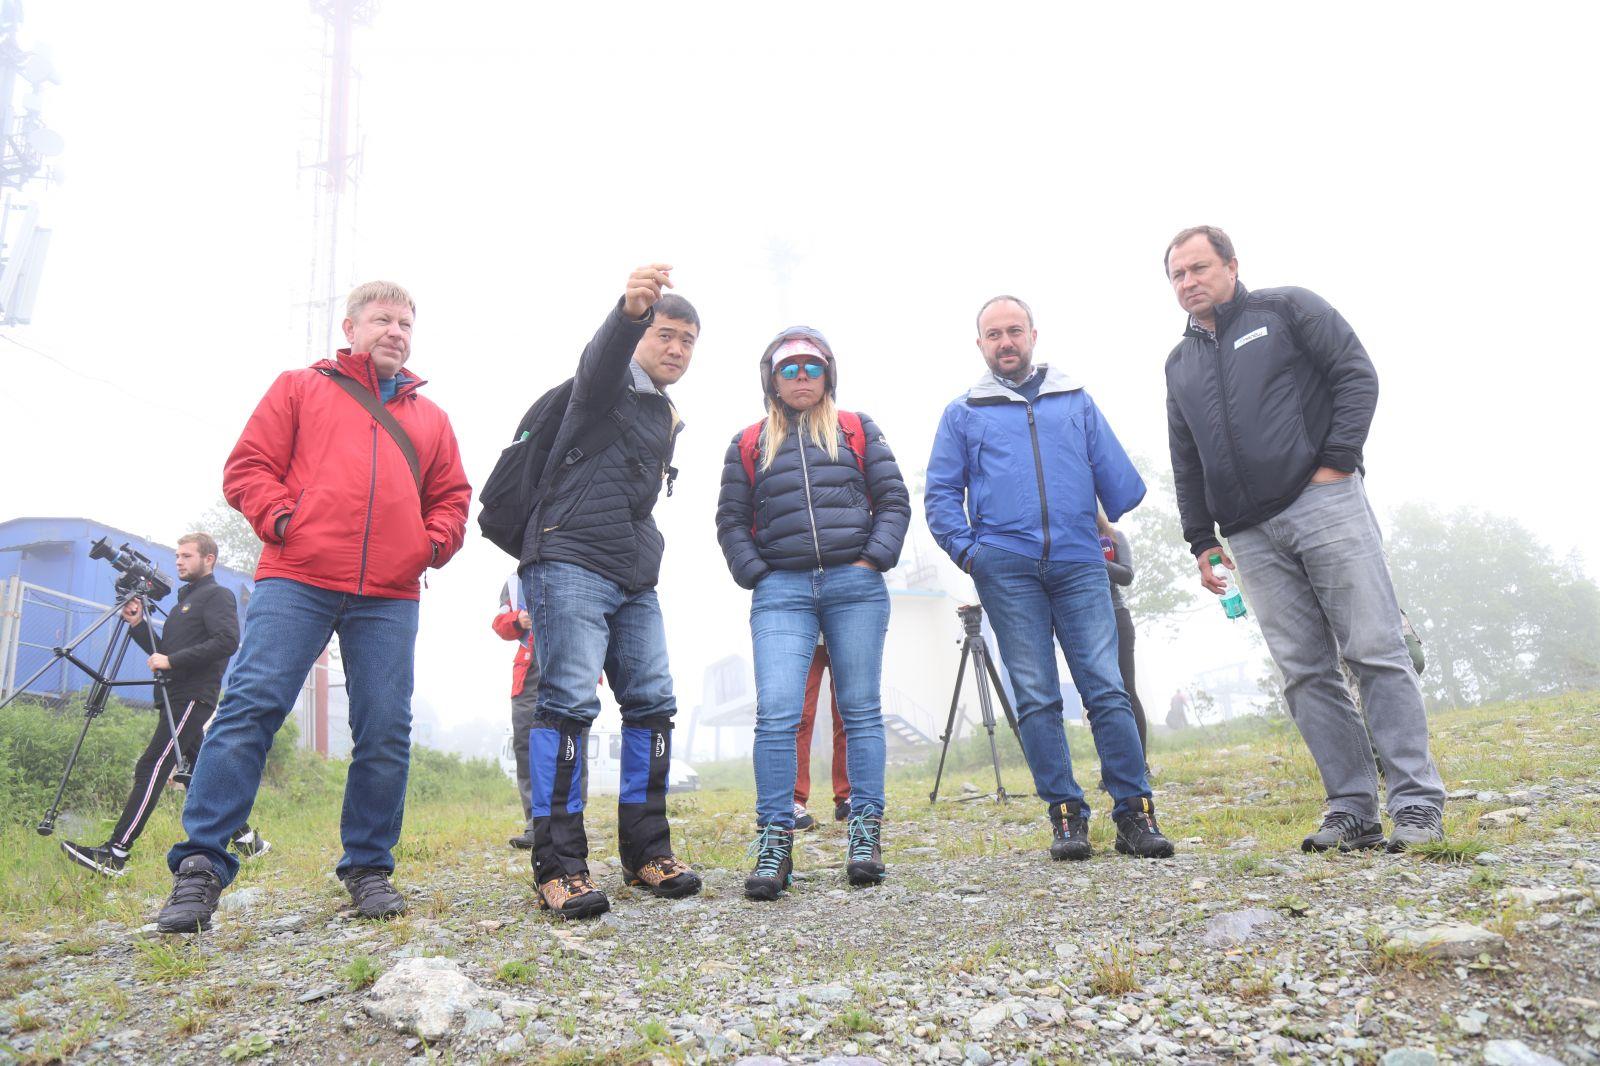 В Южно-Сахалинске представители МПК провели инспекционный визит по вопросу организации и проведения в 2020 году Кубка мира по горнолыжному спорту лиц с поражением ОДА и спорта слепых